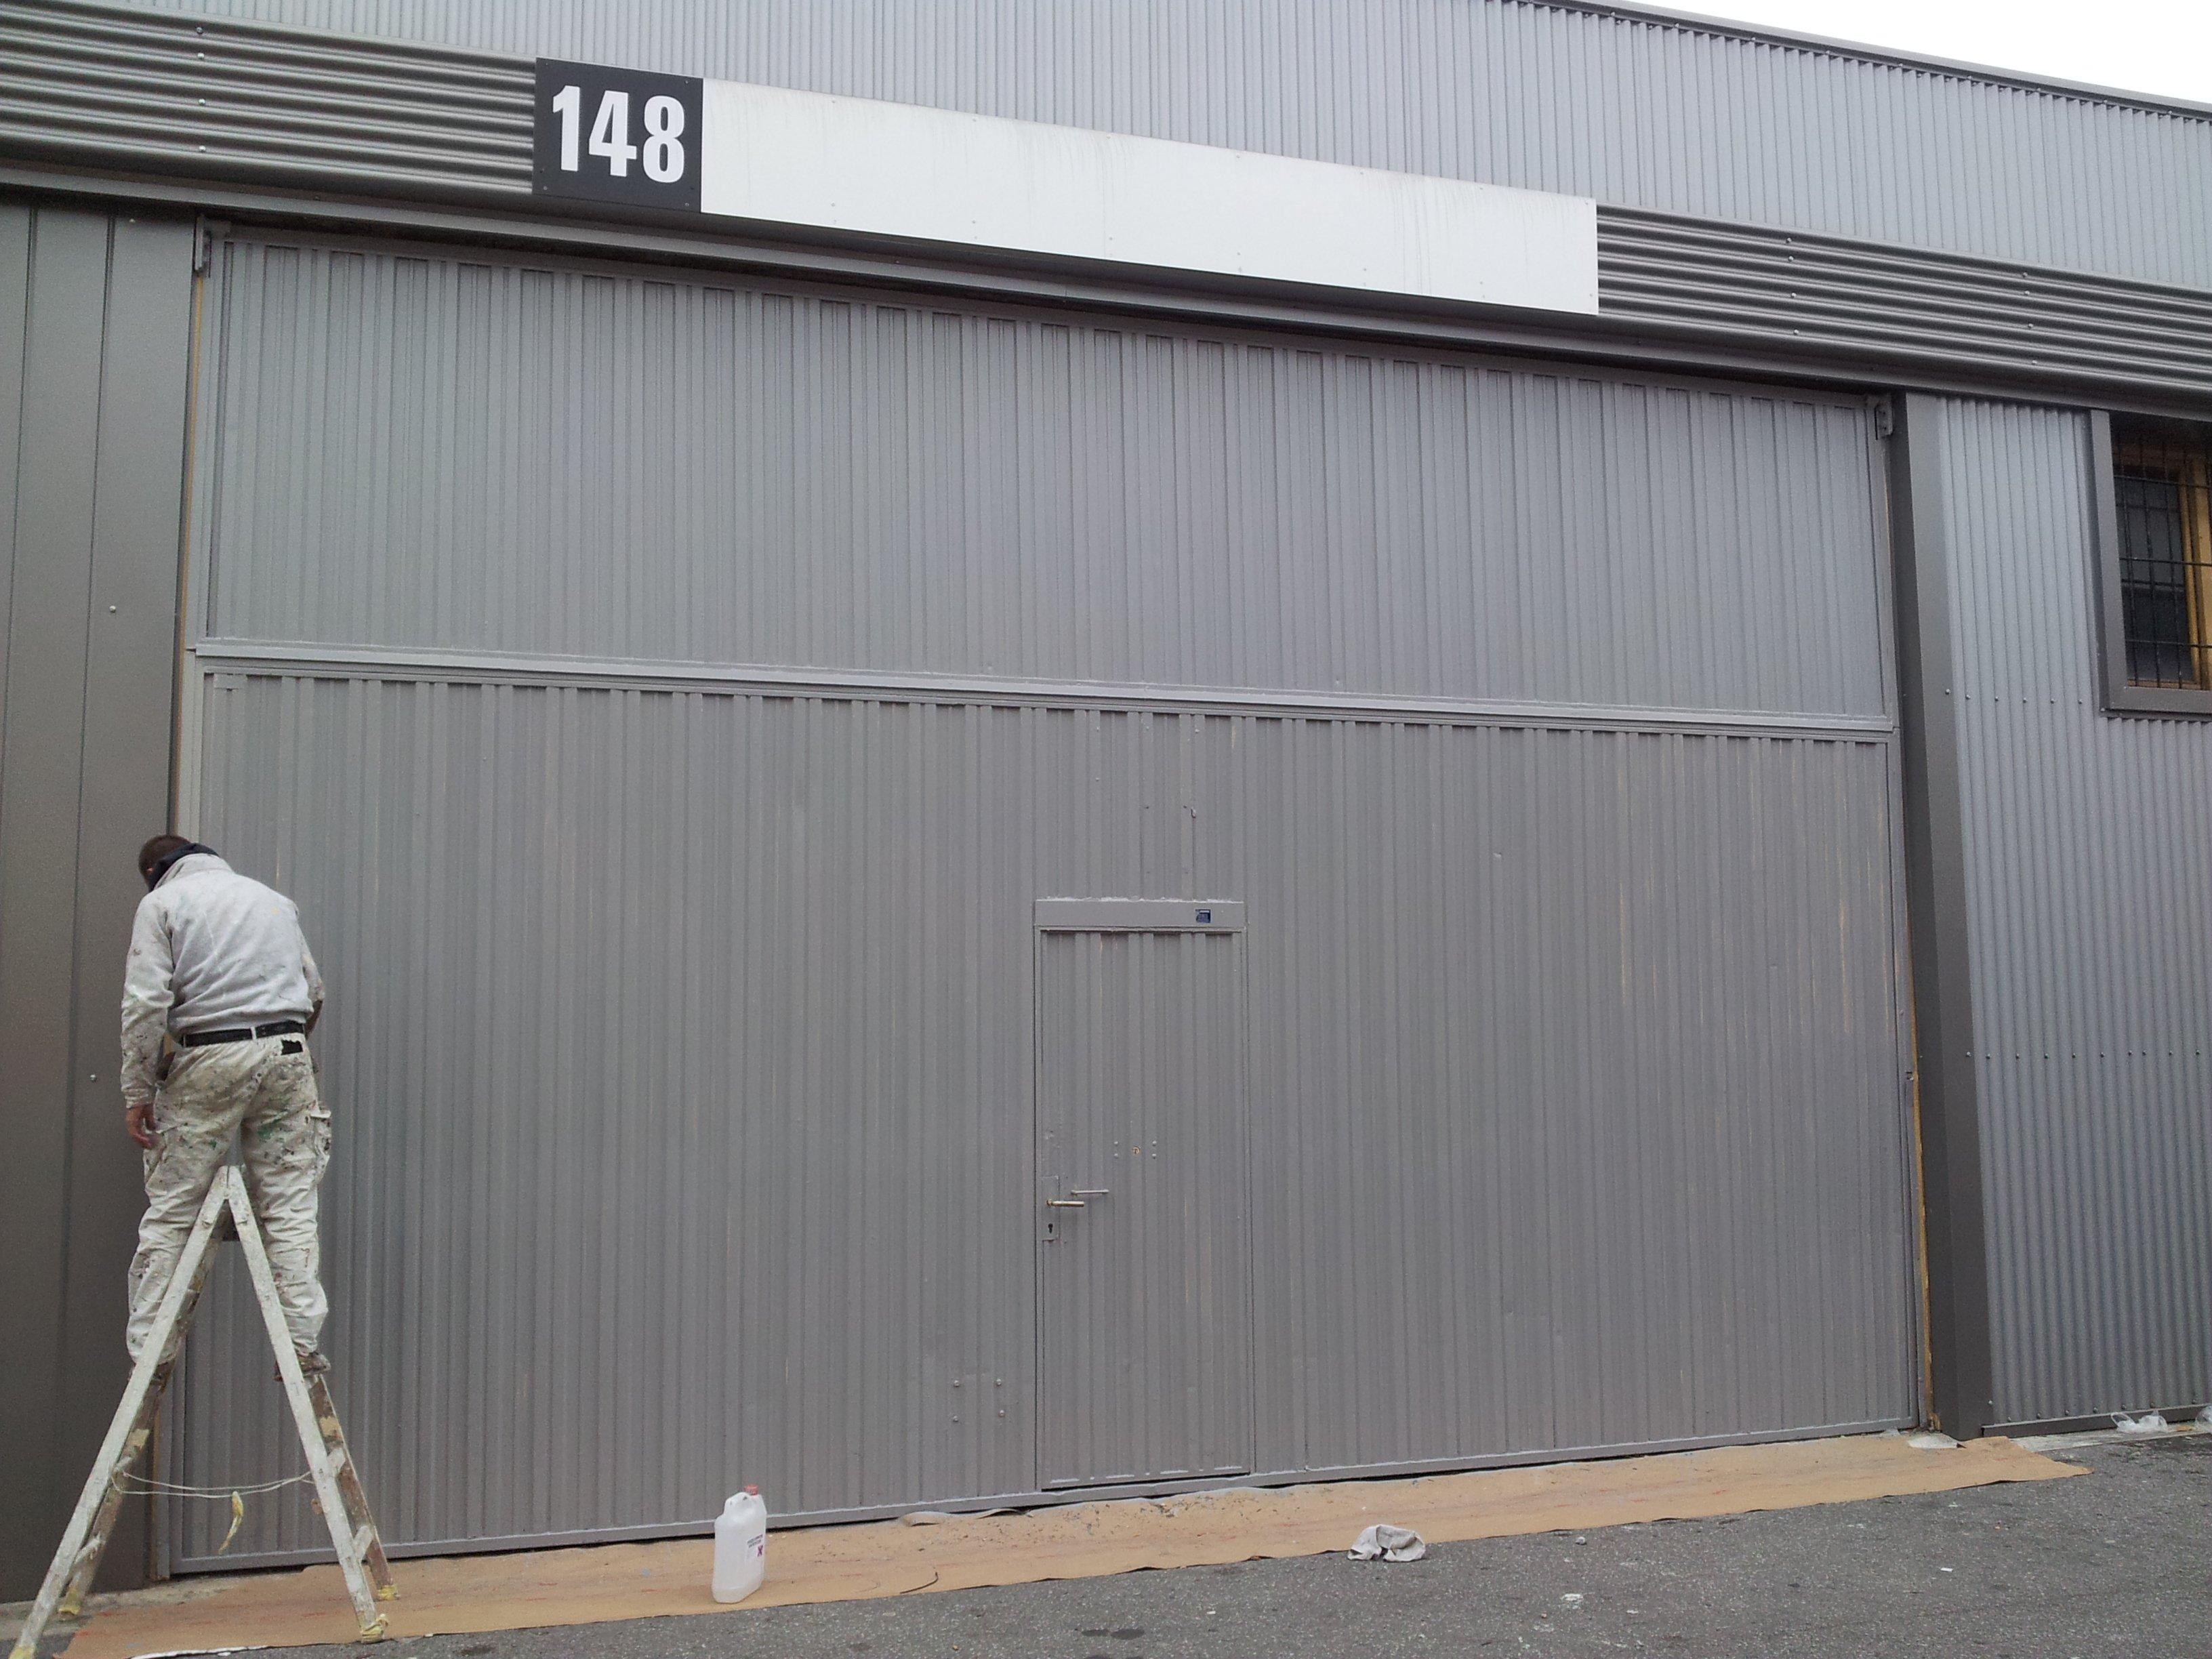 Nave Industrial Nº 148